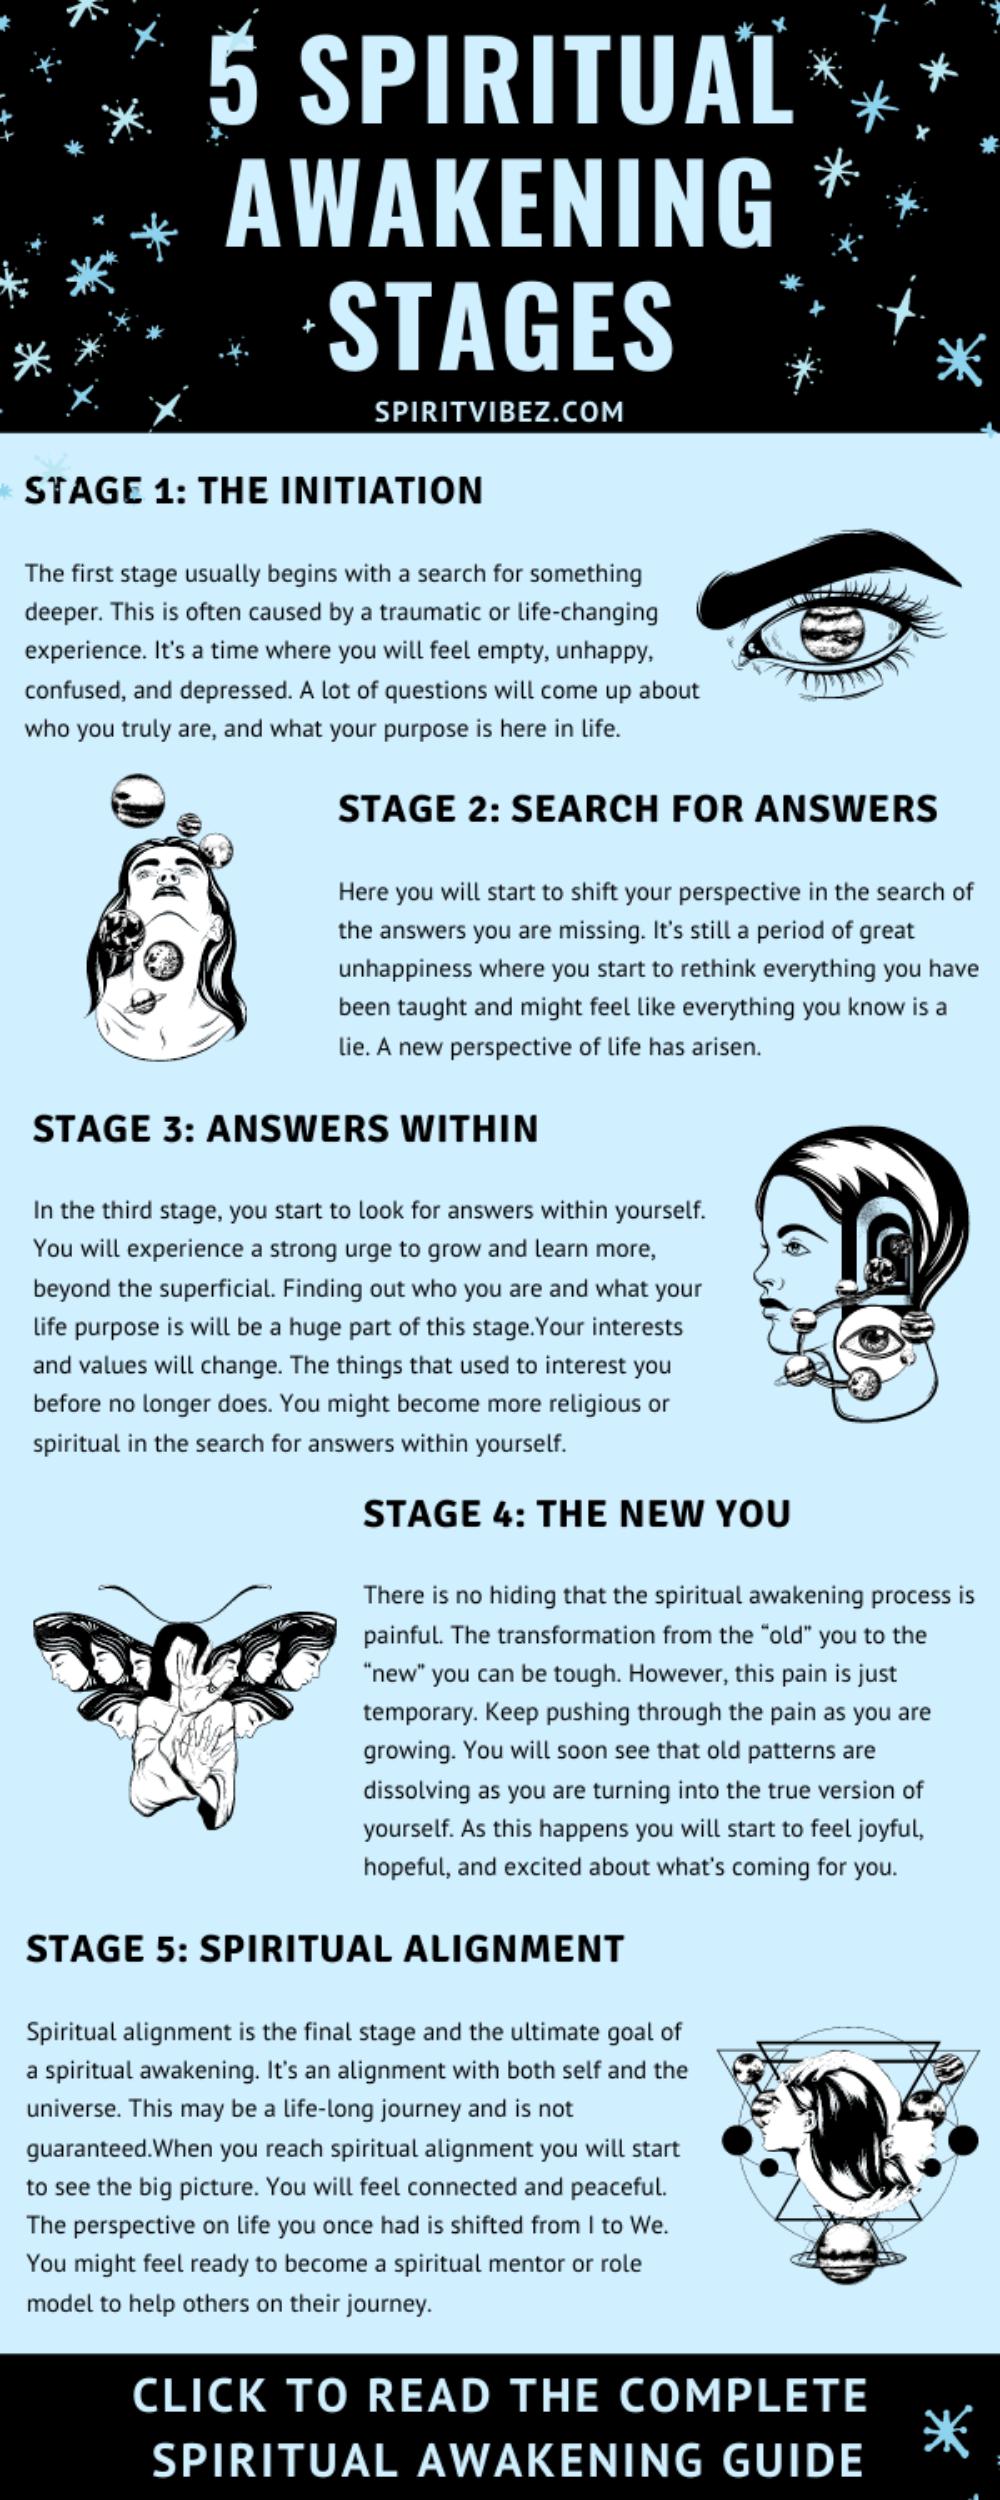 5 Spiritual Awakening Stages